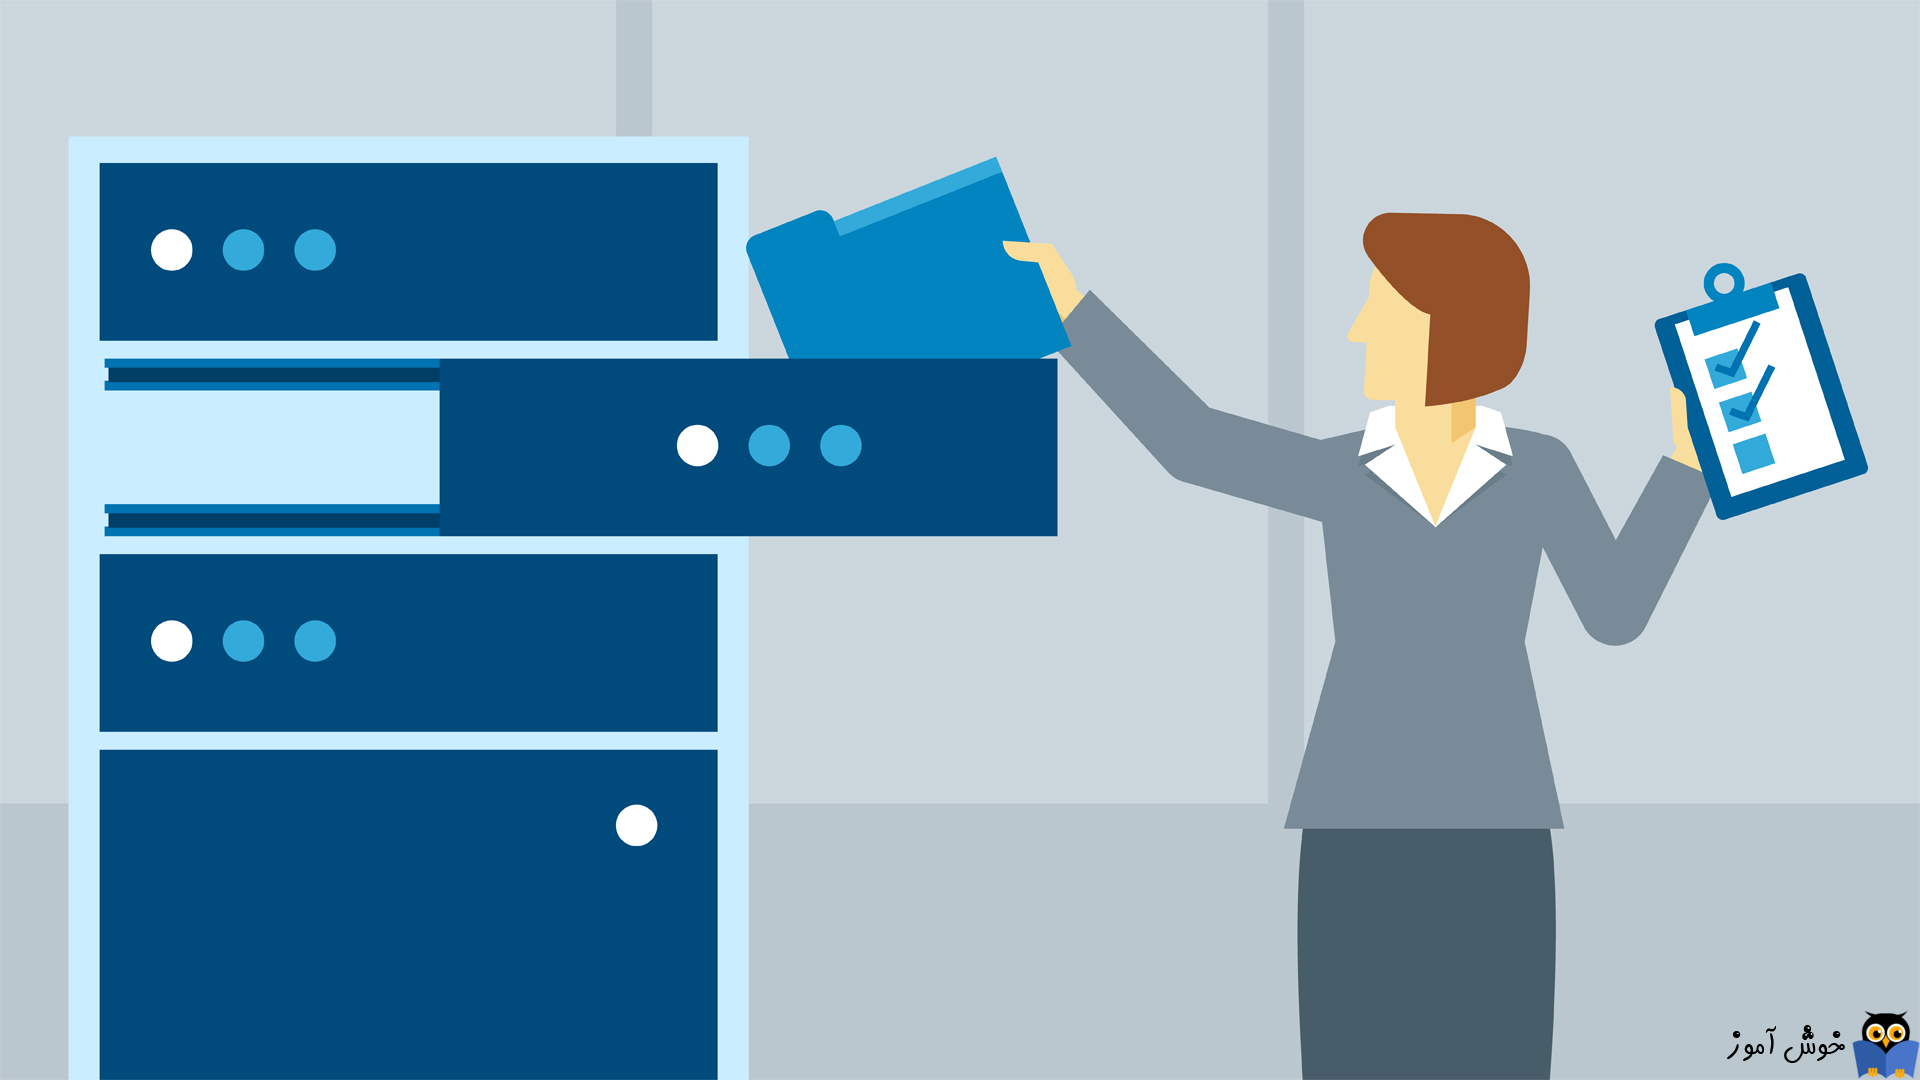 آموزش مایکروسافت exchange server 2016 - کاربرد mailTip و ایجاد آن